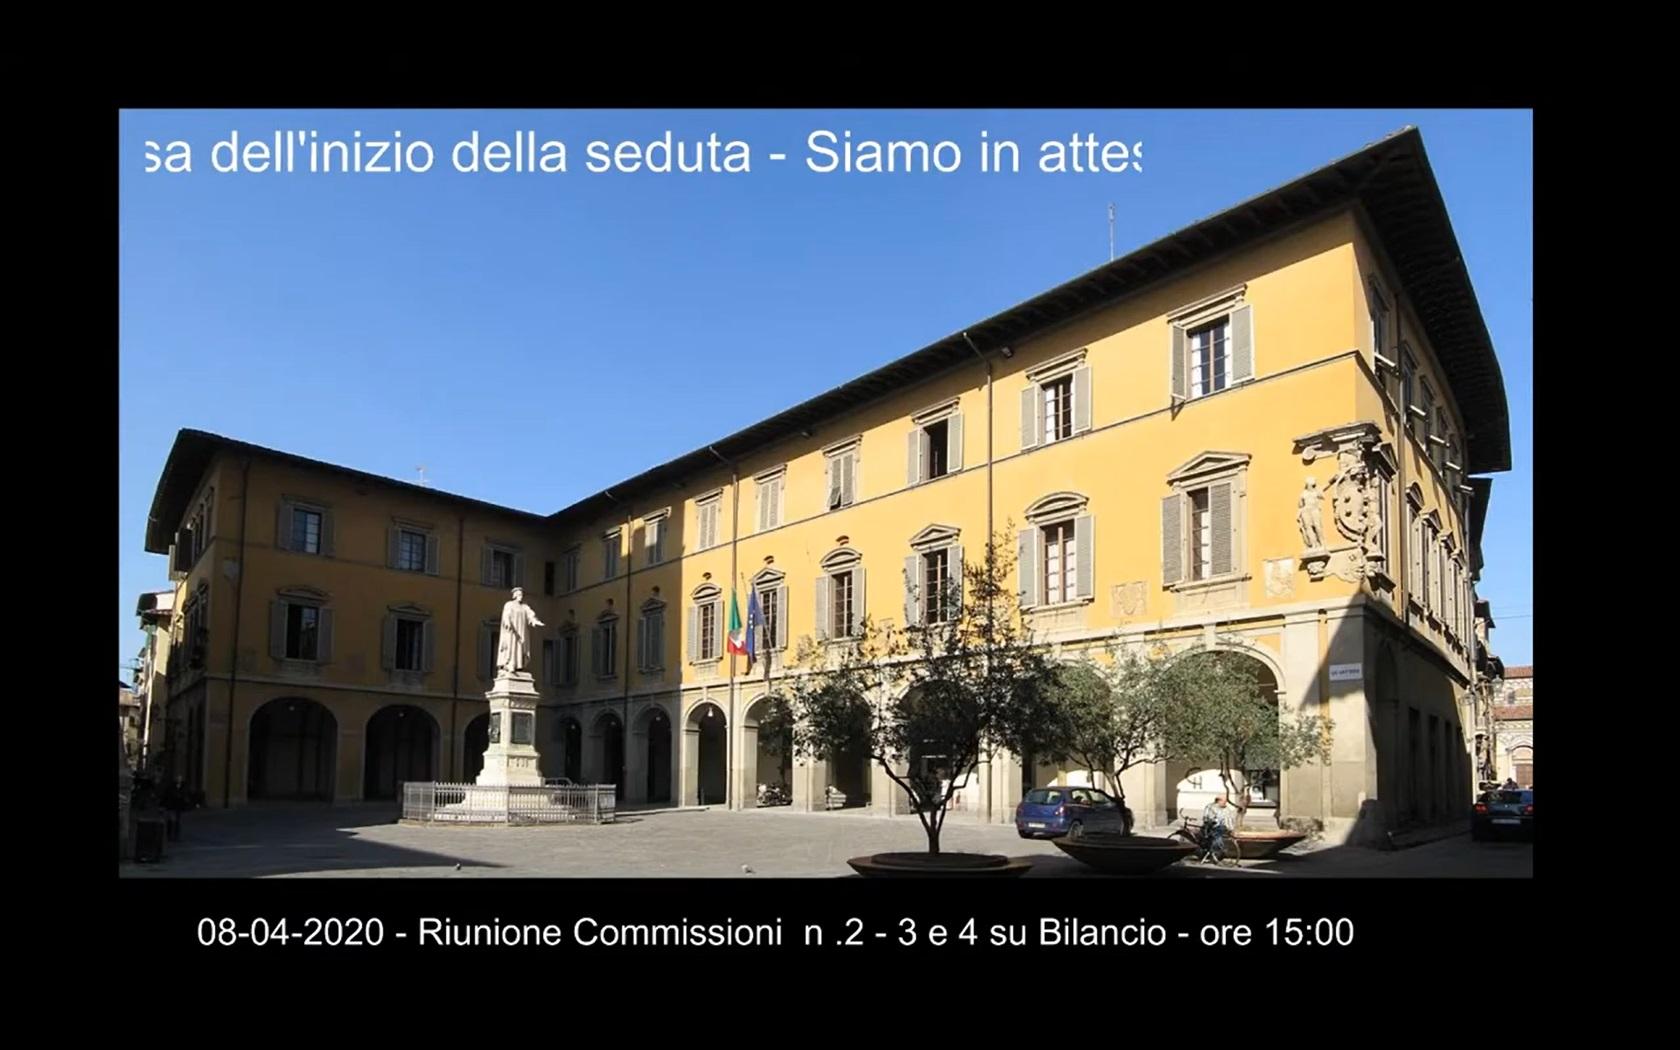 Riunione Commissione 2, 3 e 4 su Bilancio (Ore 15:00)